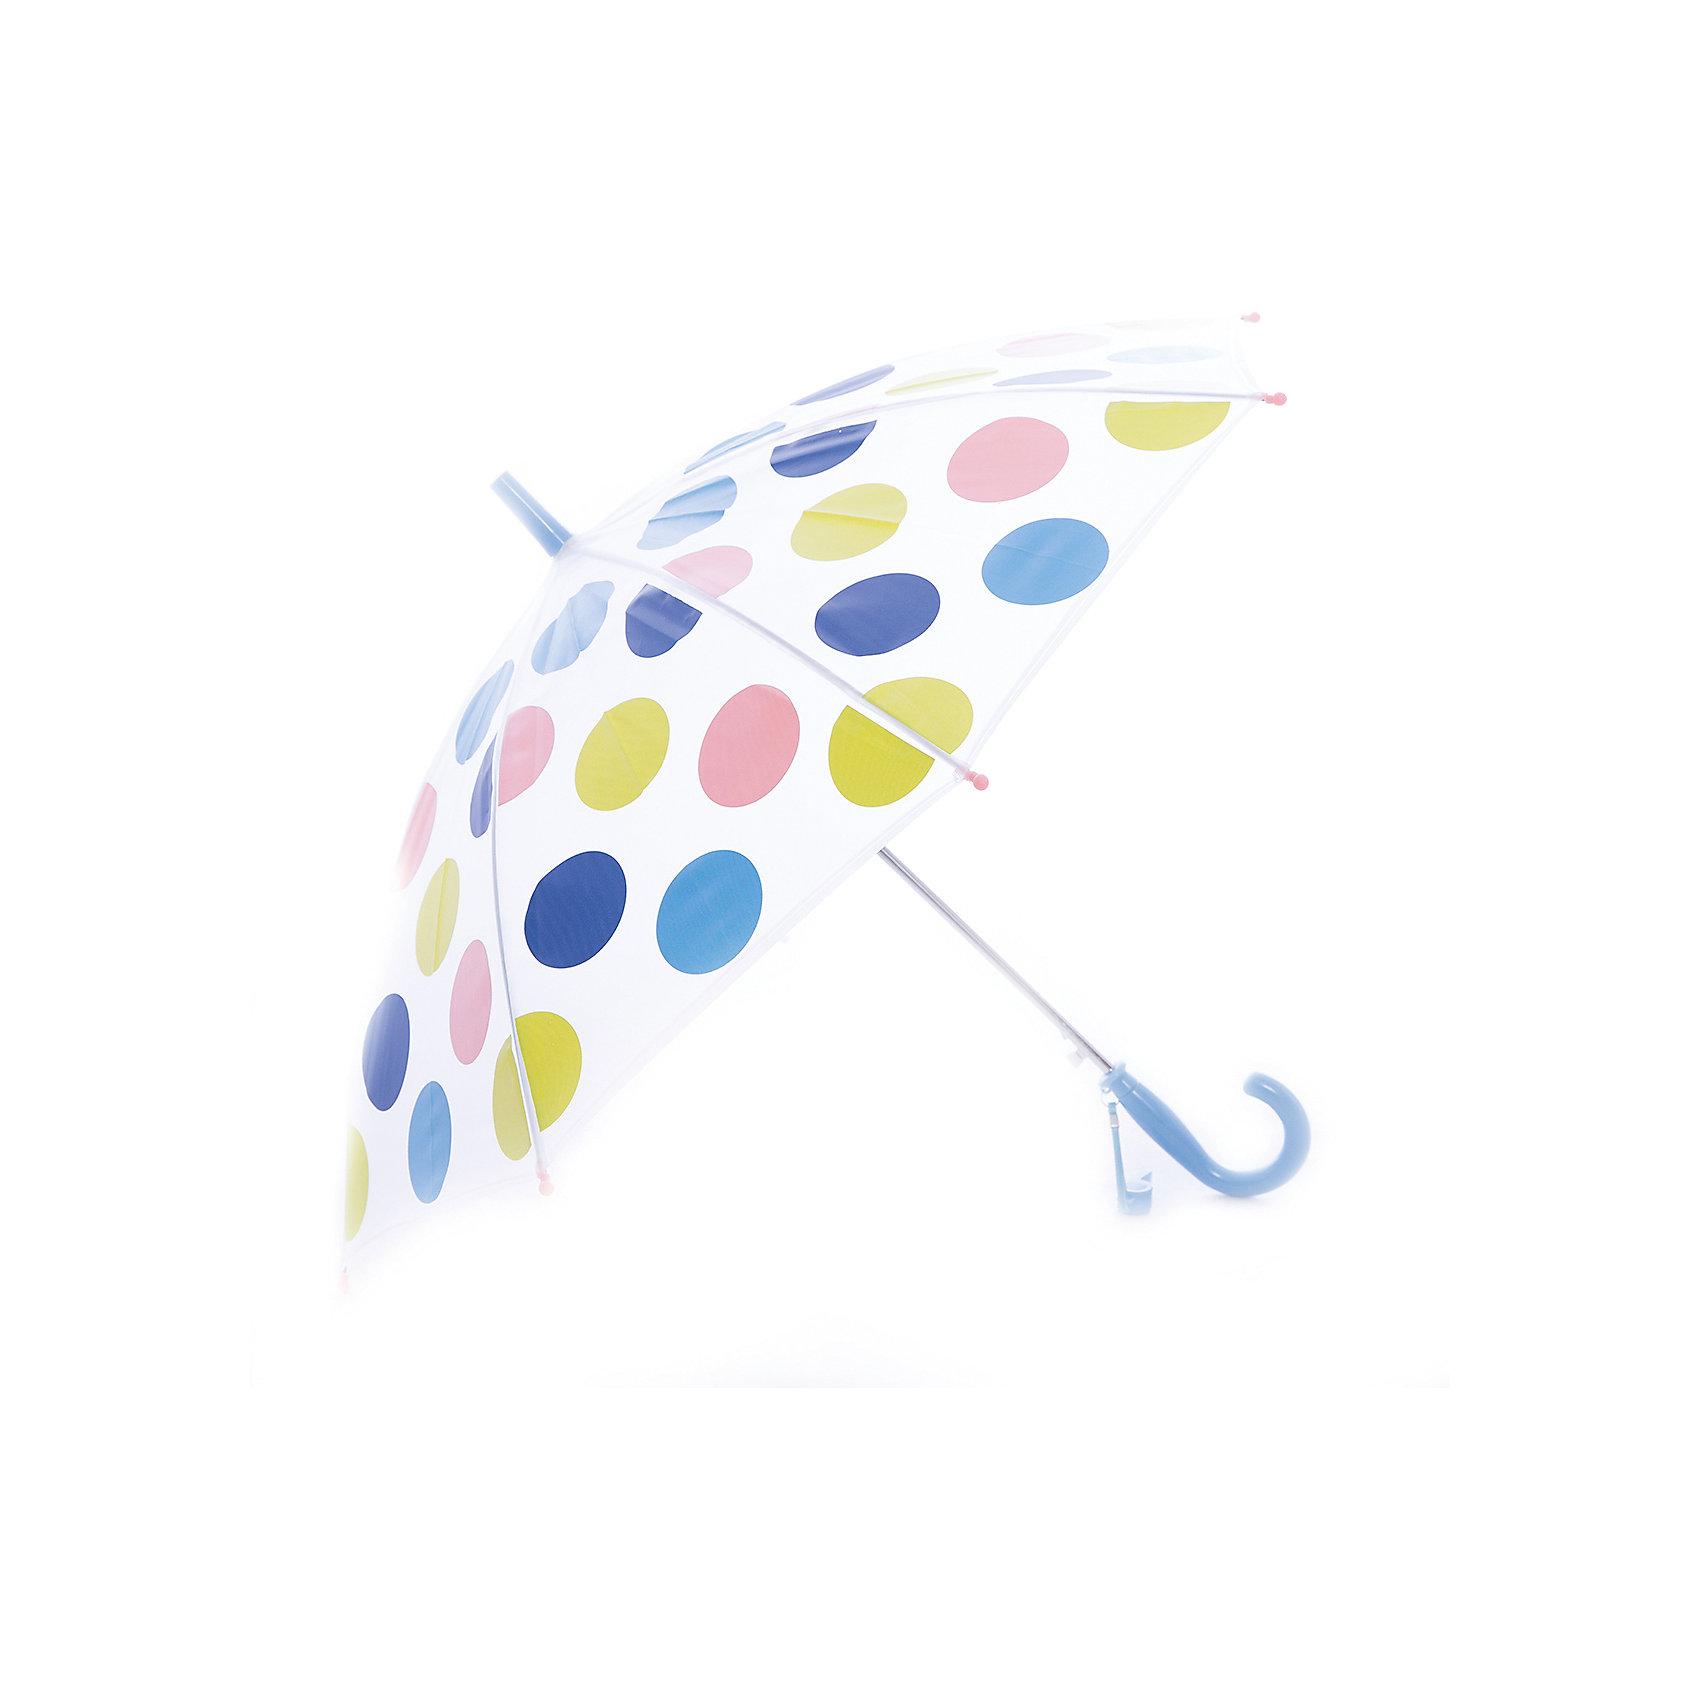 Зонт для девочки PlayTodayЗонт для девочки PlayToday<br>Этот зонтик обязательно понравится Вашему ребенку! Оснащен специальной безопасной системой открывания и закрывания. Материал каркаса ветроустойчивый. Концы спиц снабжены пластмассовыми наконечниками для защиты от травм. Такой зонт идеально подойдет для прогулок в дождливую погоду.Преимущества: Оснащен специальной безопасной системой открывания и закрыванияКонцы спиц снабжены пластмассовыми наконечниками для защиты от травм<br>Состав:<br>Каркас: 100:сталь; Купол: 100%полиэстер; Ручка:100% АБС пластик<br><br>Ширина мм: 170<br>Глубина мм: 157<br>Высота мм: 67<br>Вес г: 117<br>Цвет: разноцветный<br>Возраст от месяцев: 12<br>Возраст до месяцев: 24<br>Пол: Женский<br>Возраст: Детский<br>Размер: one size<br>SKU: 5408453